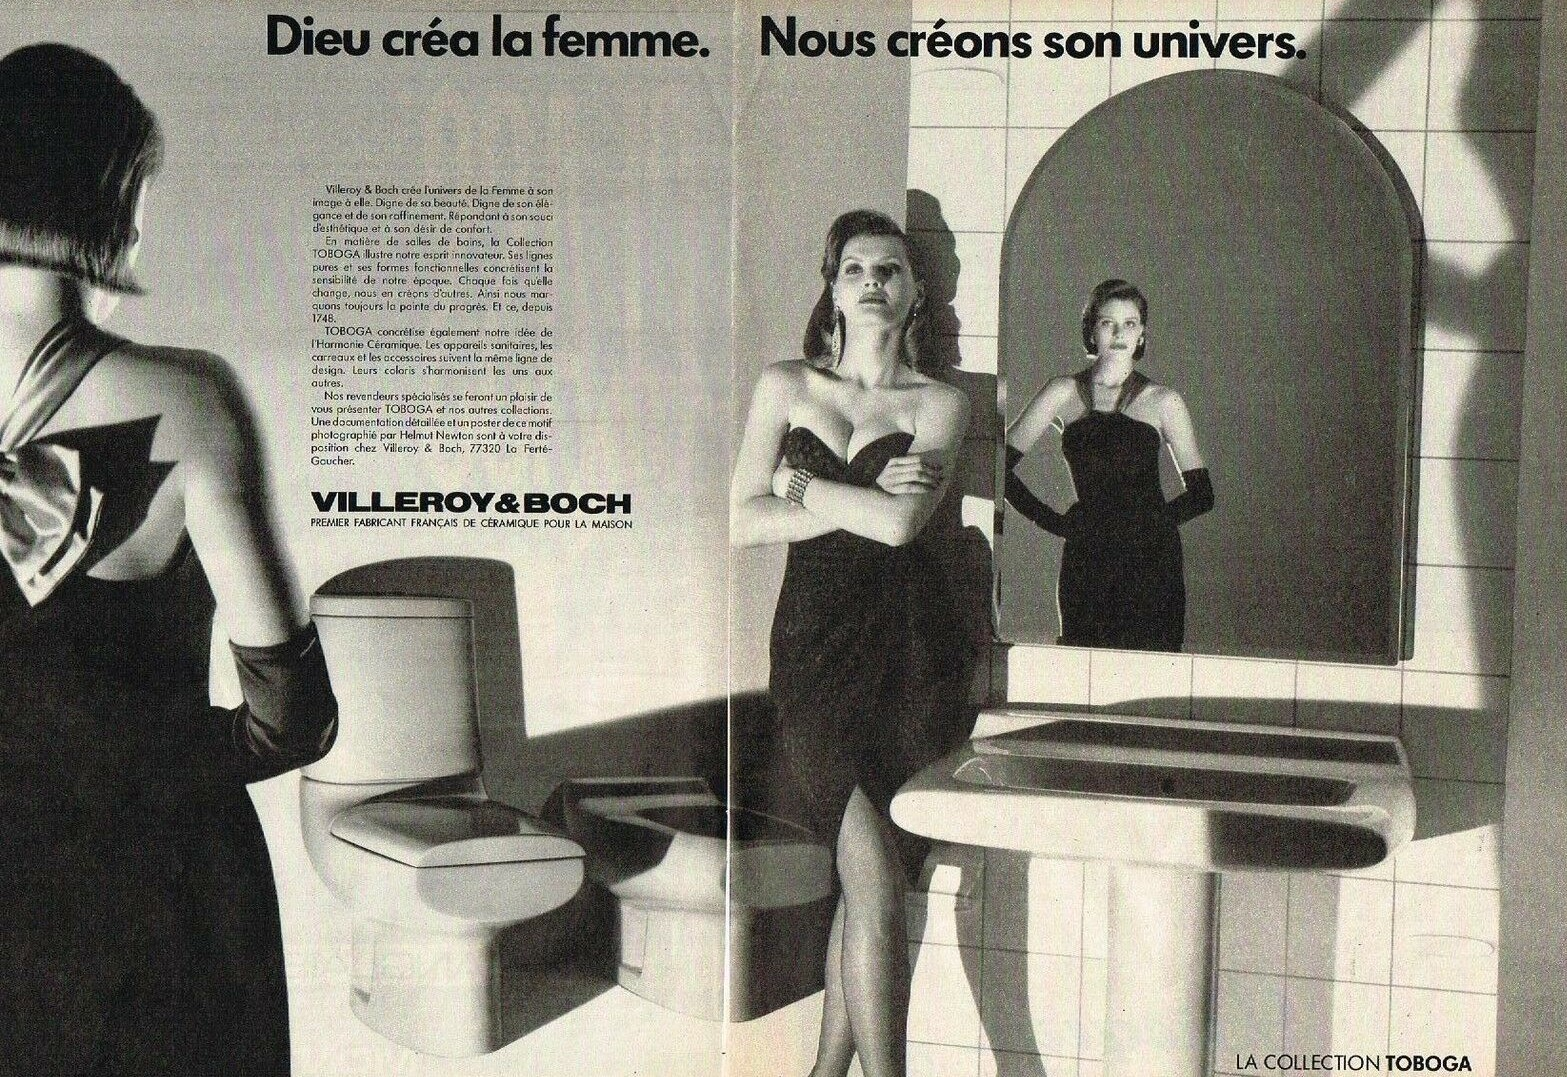 1985 VILLEROY et BOCH